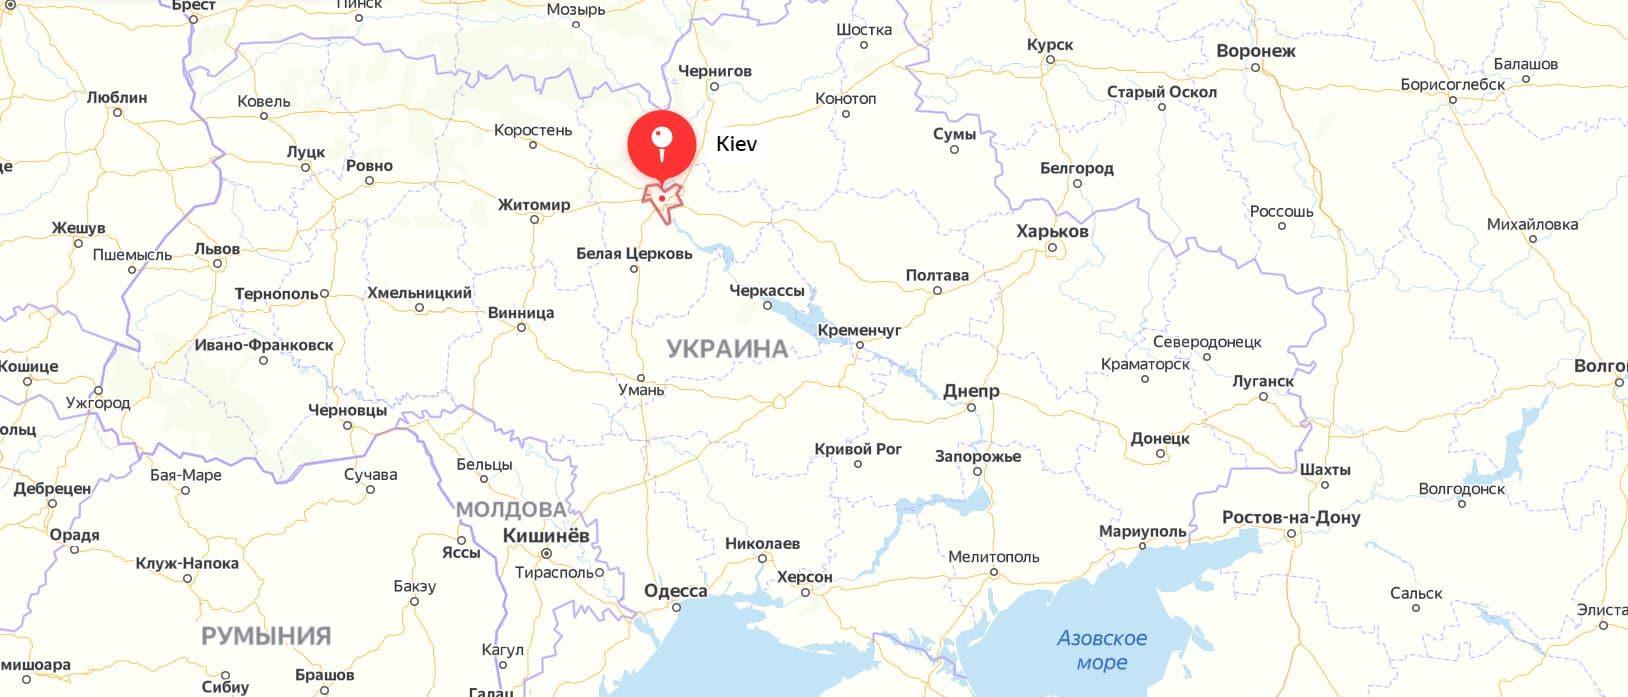 Hatalmas robbanás történt egy kijevi sokemeletes házban – áldozatok